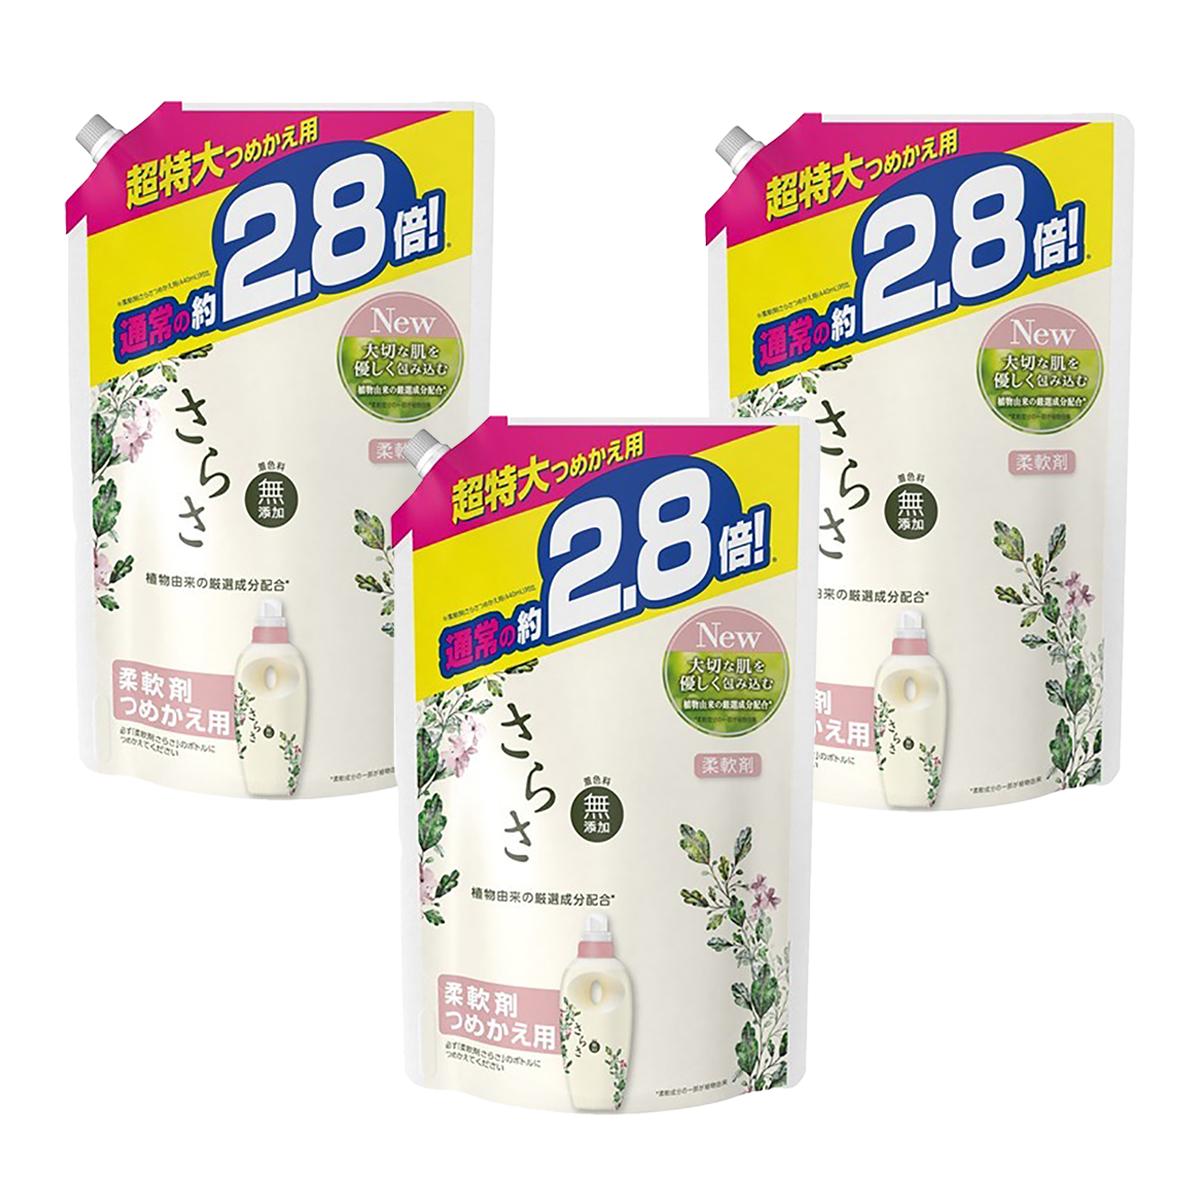 植物由来成分で 心地いい洗い上がり 25%OFF 4902430645508 送料込 まとめ買い×3個セット PG つめかえ用 1250ml さらさ 柔軟剤 超特大サイズ ブランド買うならブランドオフ